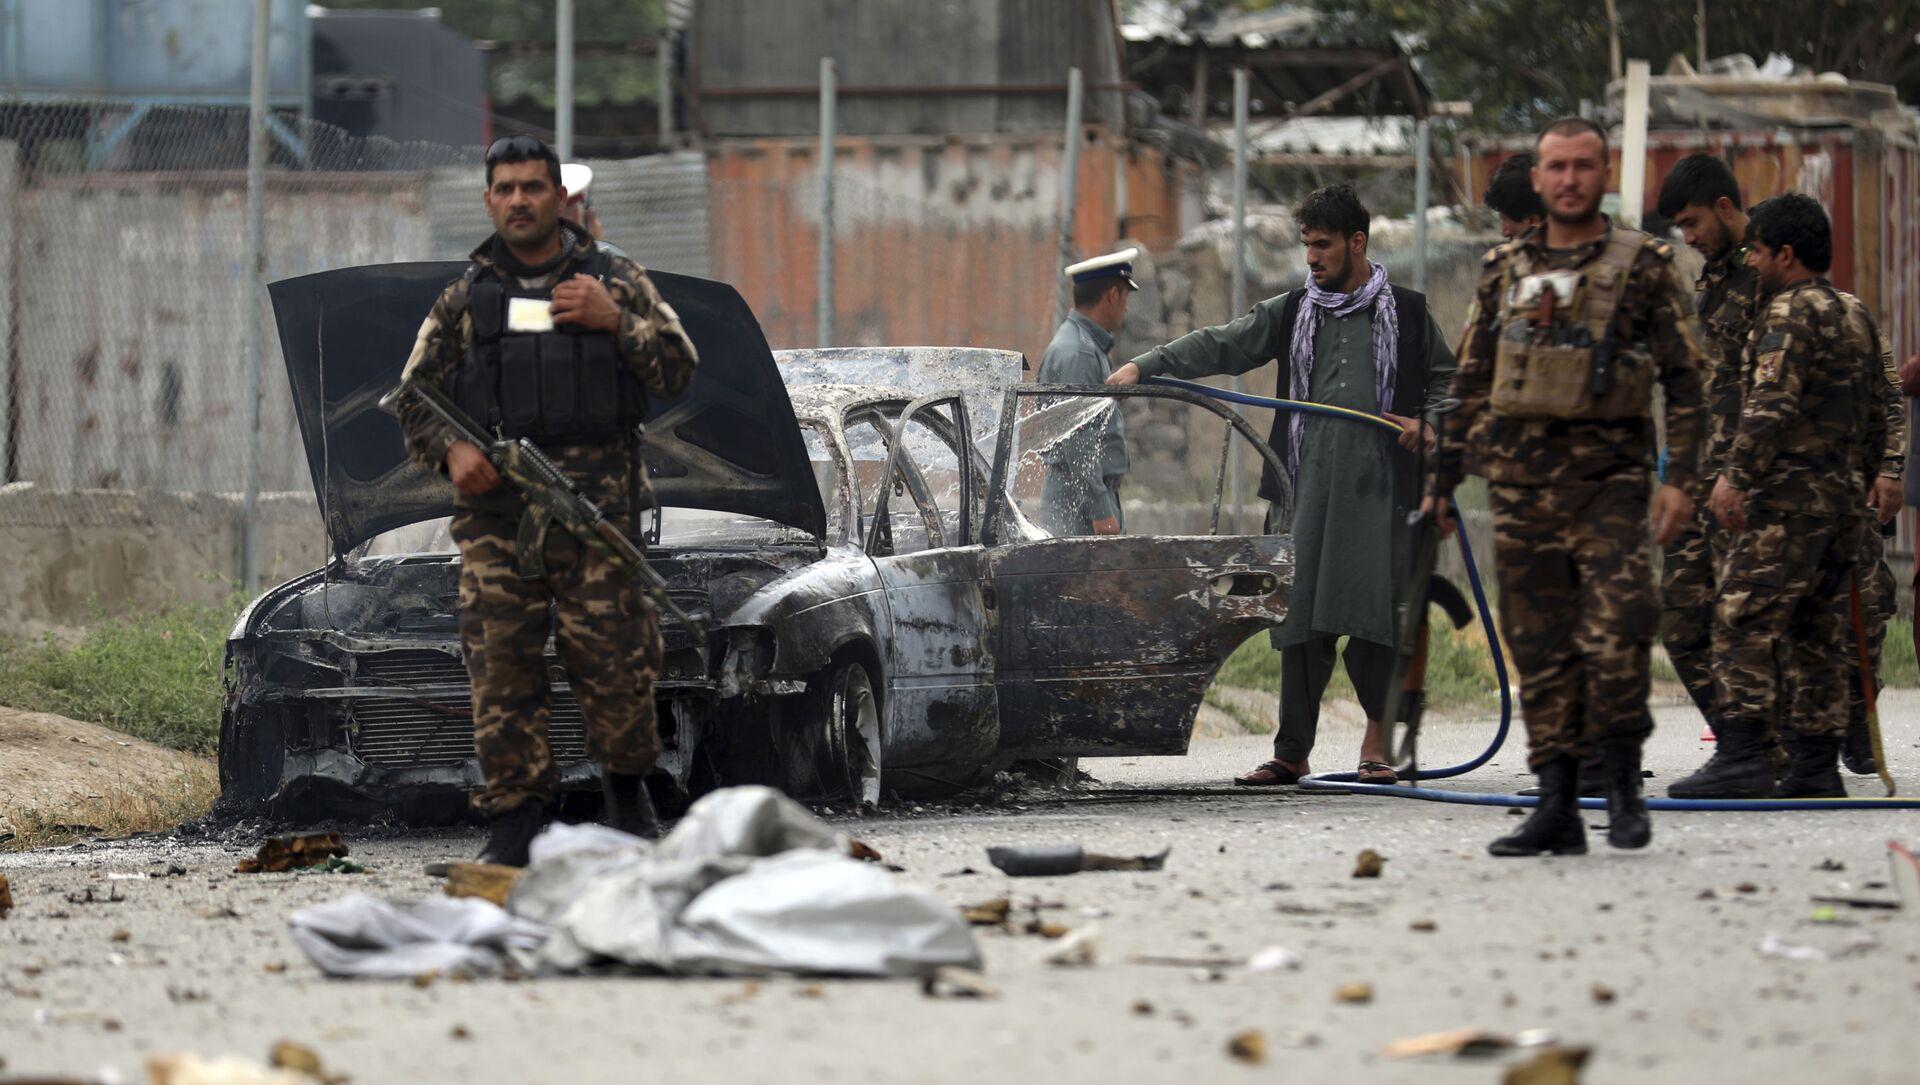 Nhân viên an ninh kiểm tra một chiếc xe bị hư hại trong cuộc pháo kích vào Kabul - Sputnik Việt Nam, 1920, 26.07.2021